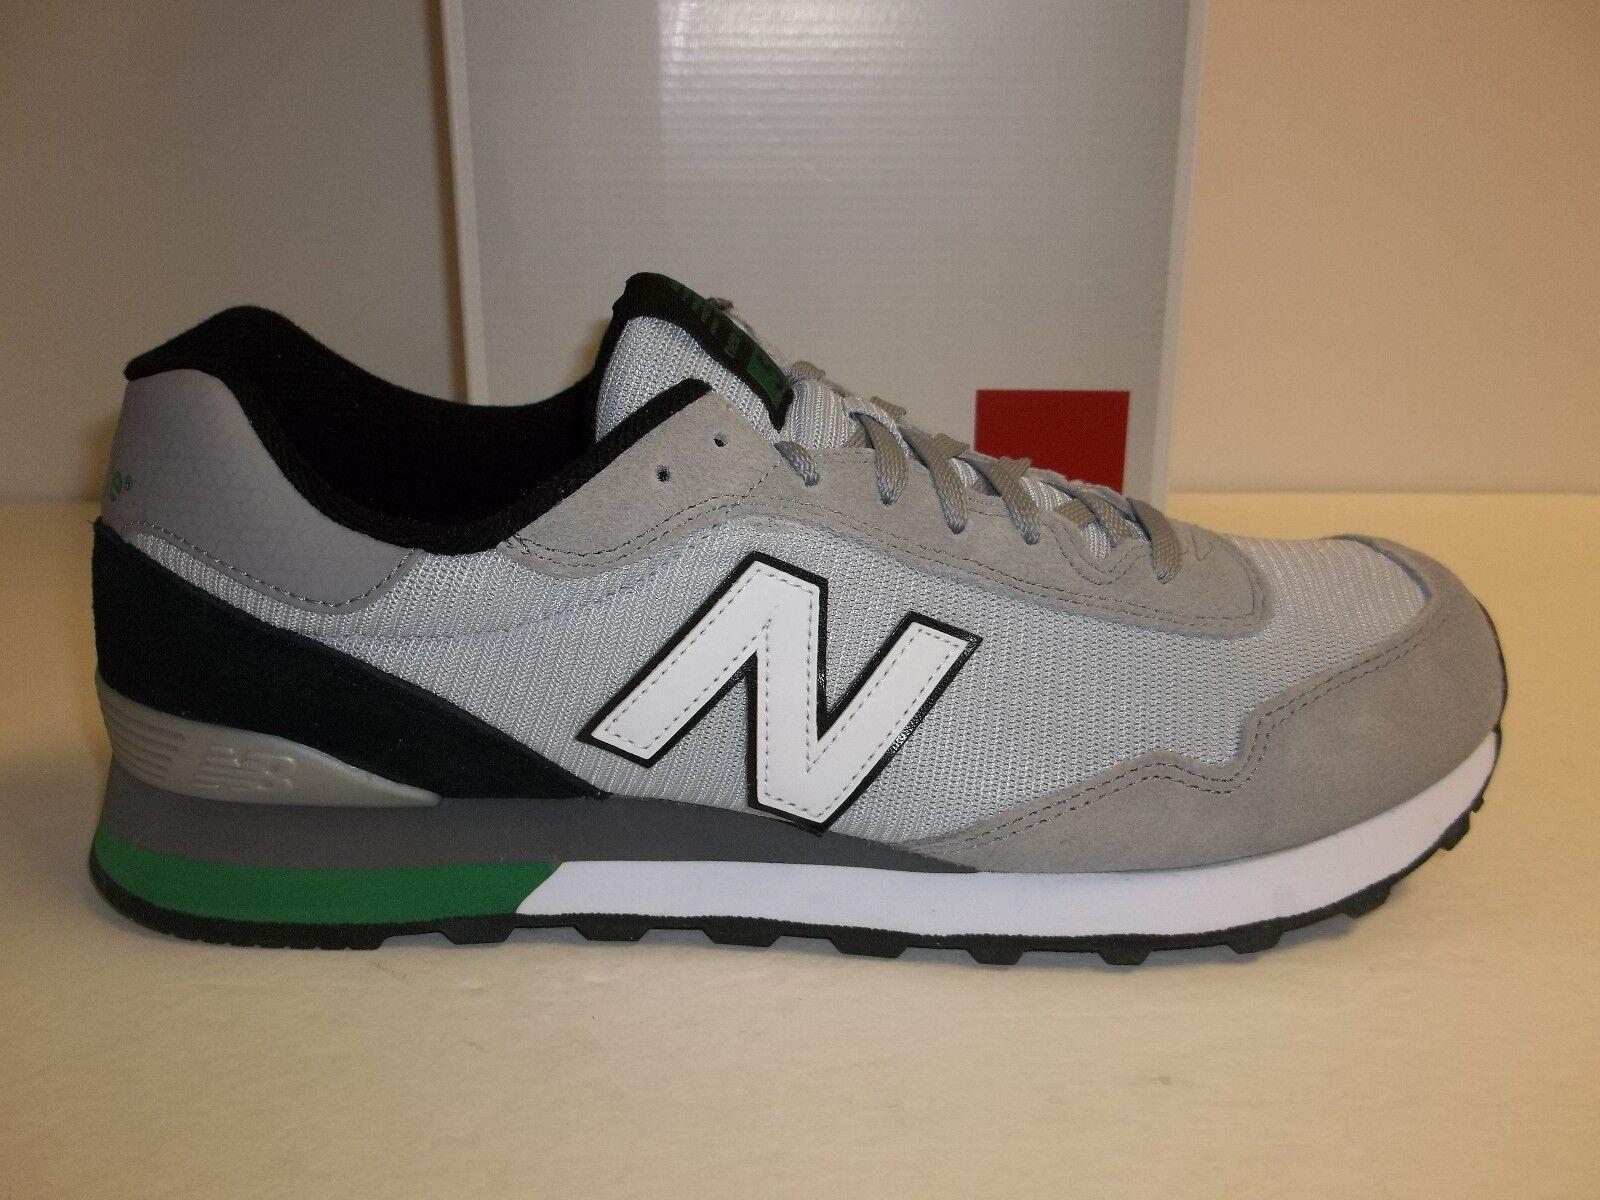 Tamaño 9 M Clásico New Balance 515 Tela Cuero gris Zapatillas nuevo Zapatos para hombre